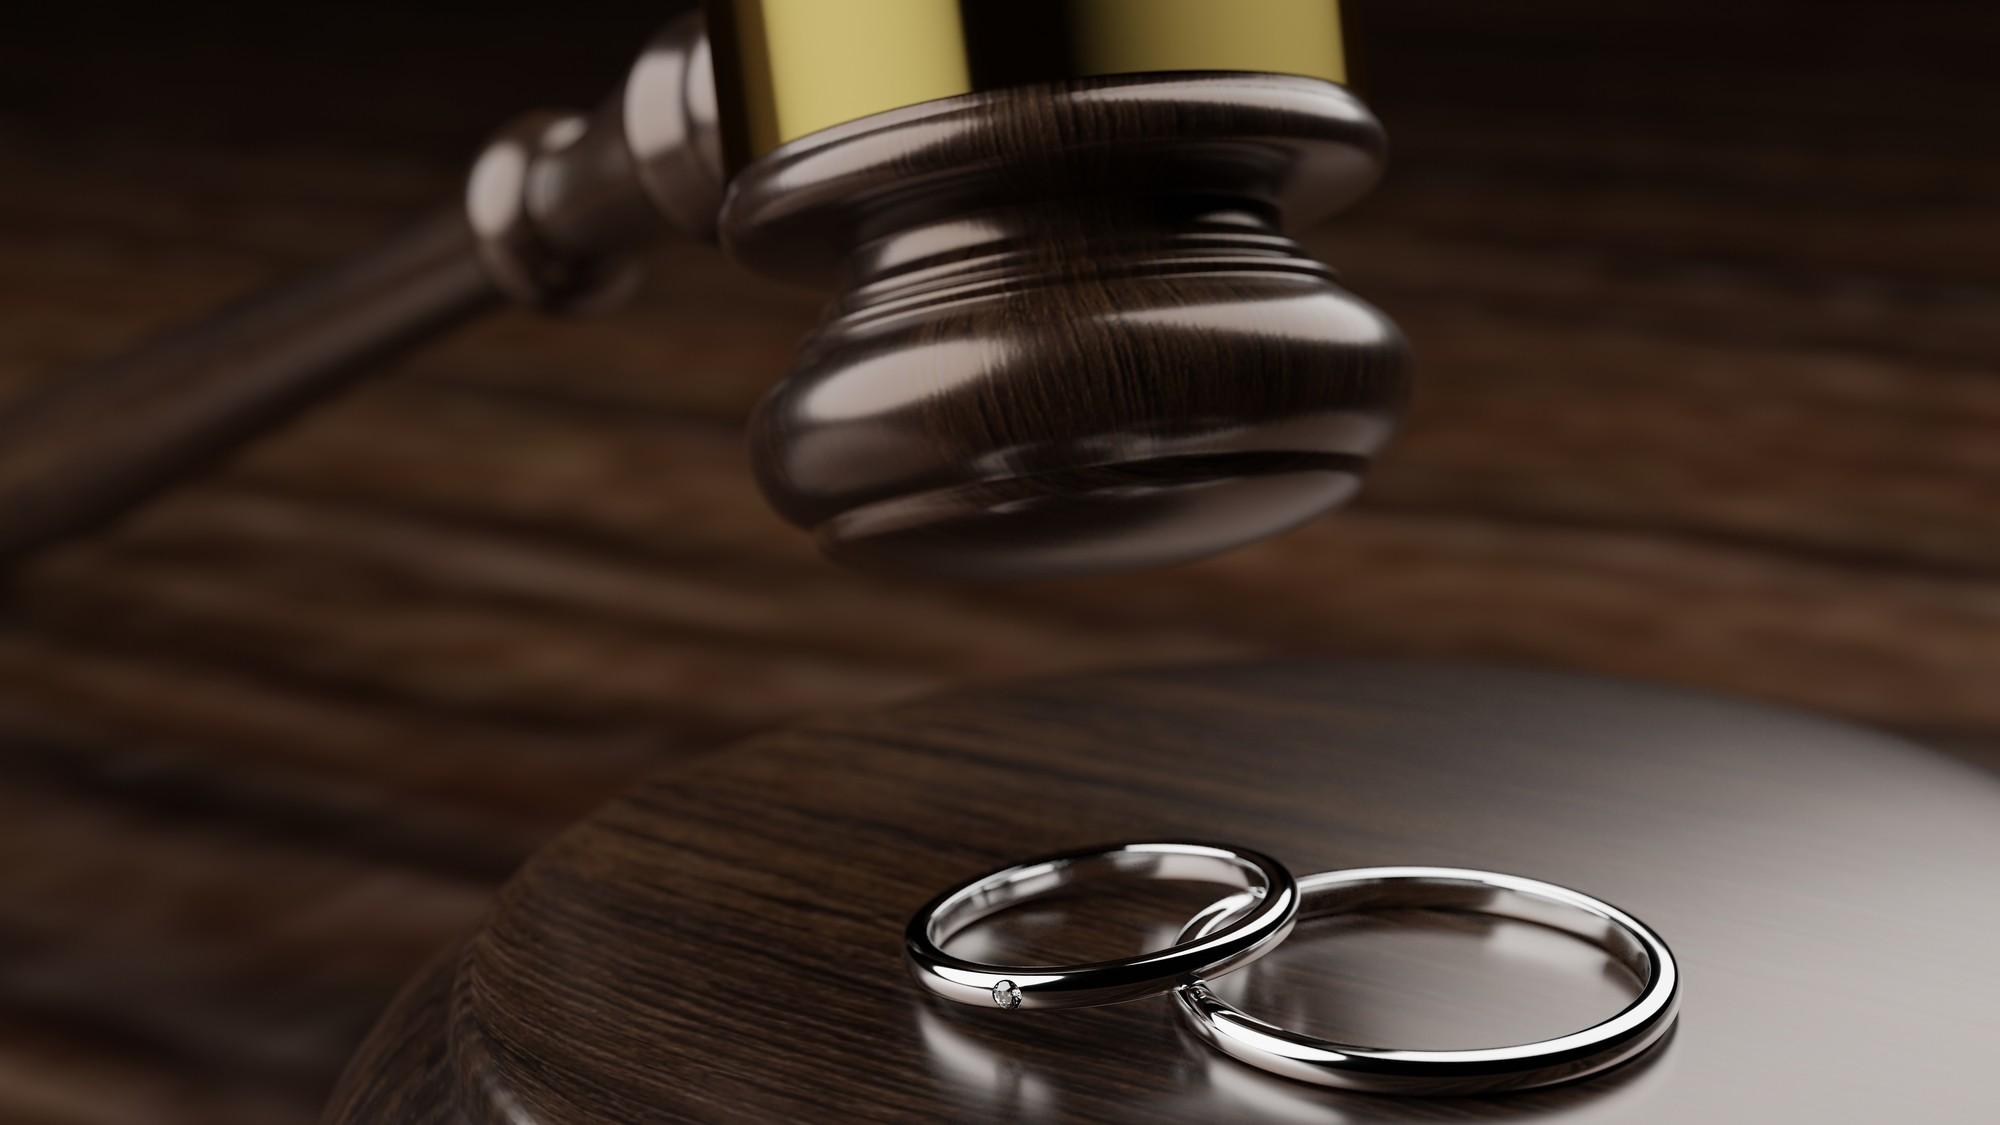 経営者、結婚生活に限界…離婚妻(夫)から会社は守れるか?